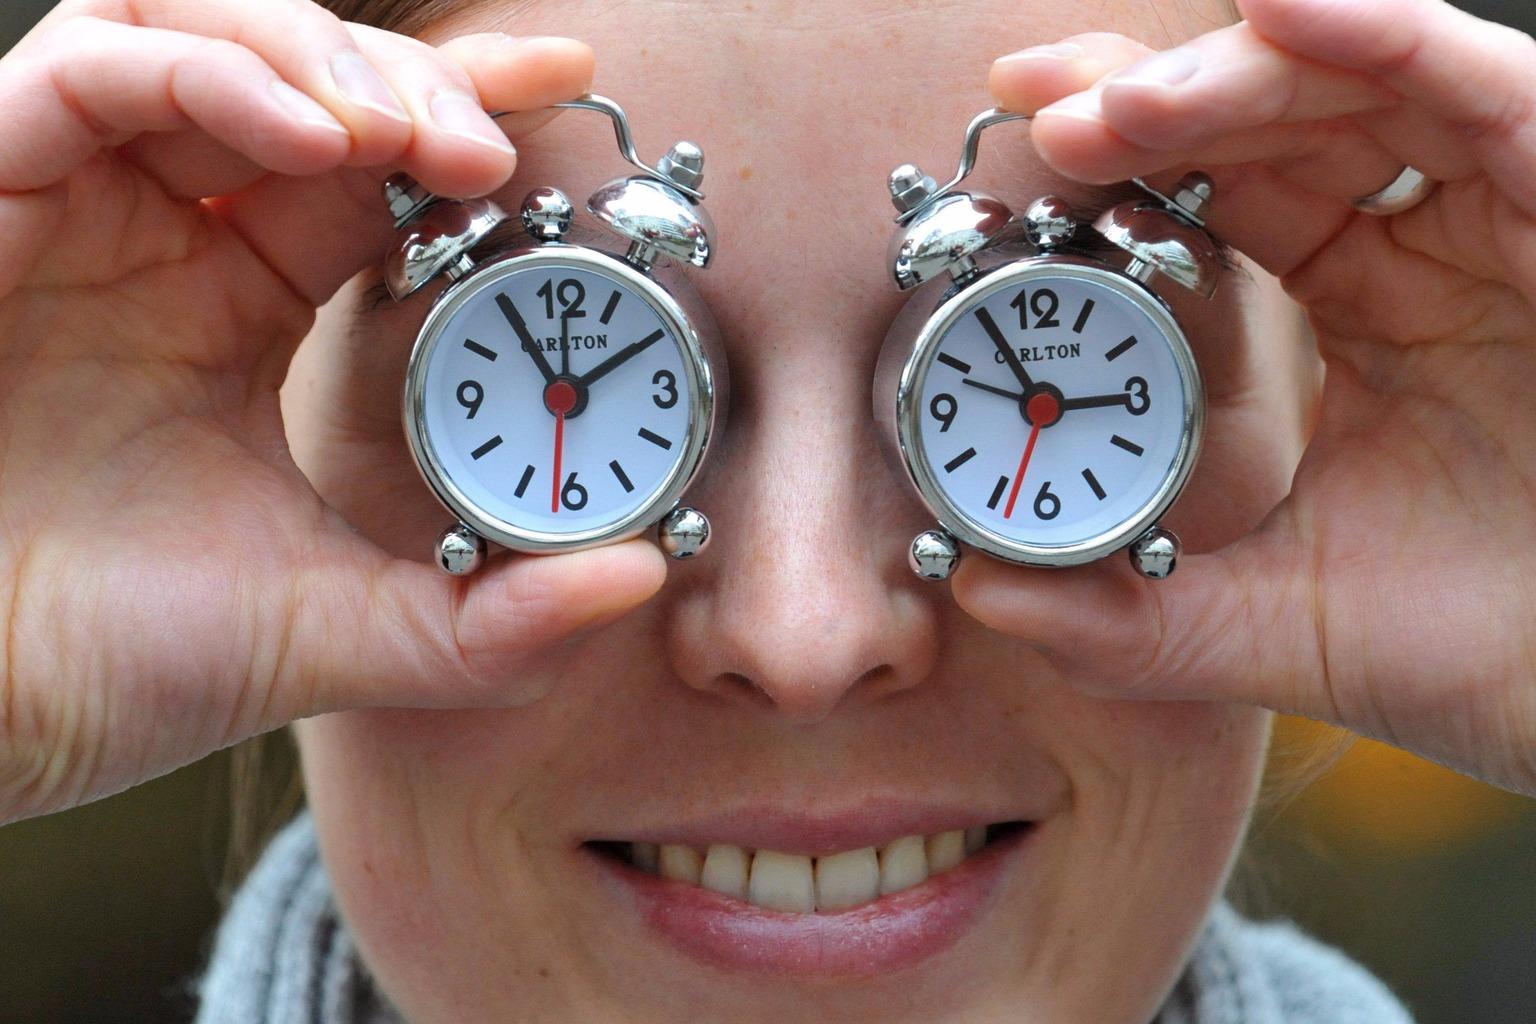 München, 2011. október 27. A világ legkisebb ébresztőóráit gyártó Carlton egyik alkalmazottja minivekkerekkel takarja el szemét a dél-németországi Münchenben 2011. október 27-én, hogy az óraátállítás napjának közeledésére figyelmeztessen. Európa országai a hónap utolsó vasárnapjára, az október 30-ra virradó éjszaka térnek vissza a téli időszámításhoz. (MTI/EPA/Andreas Gebert)